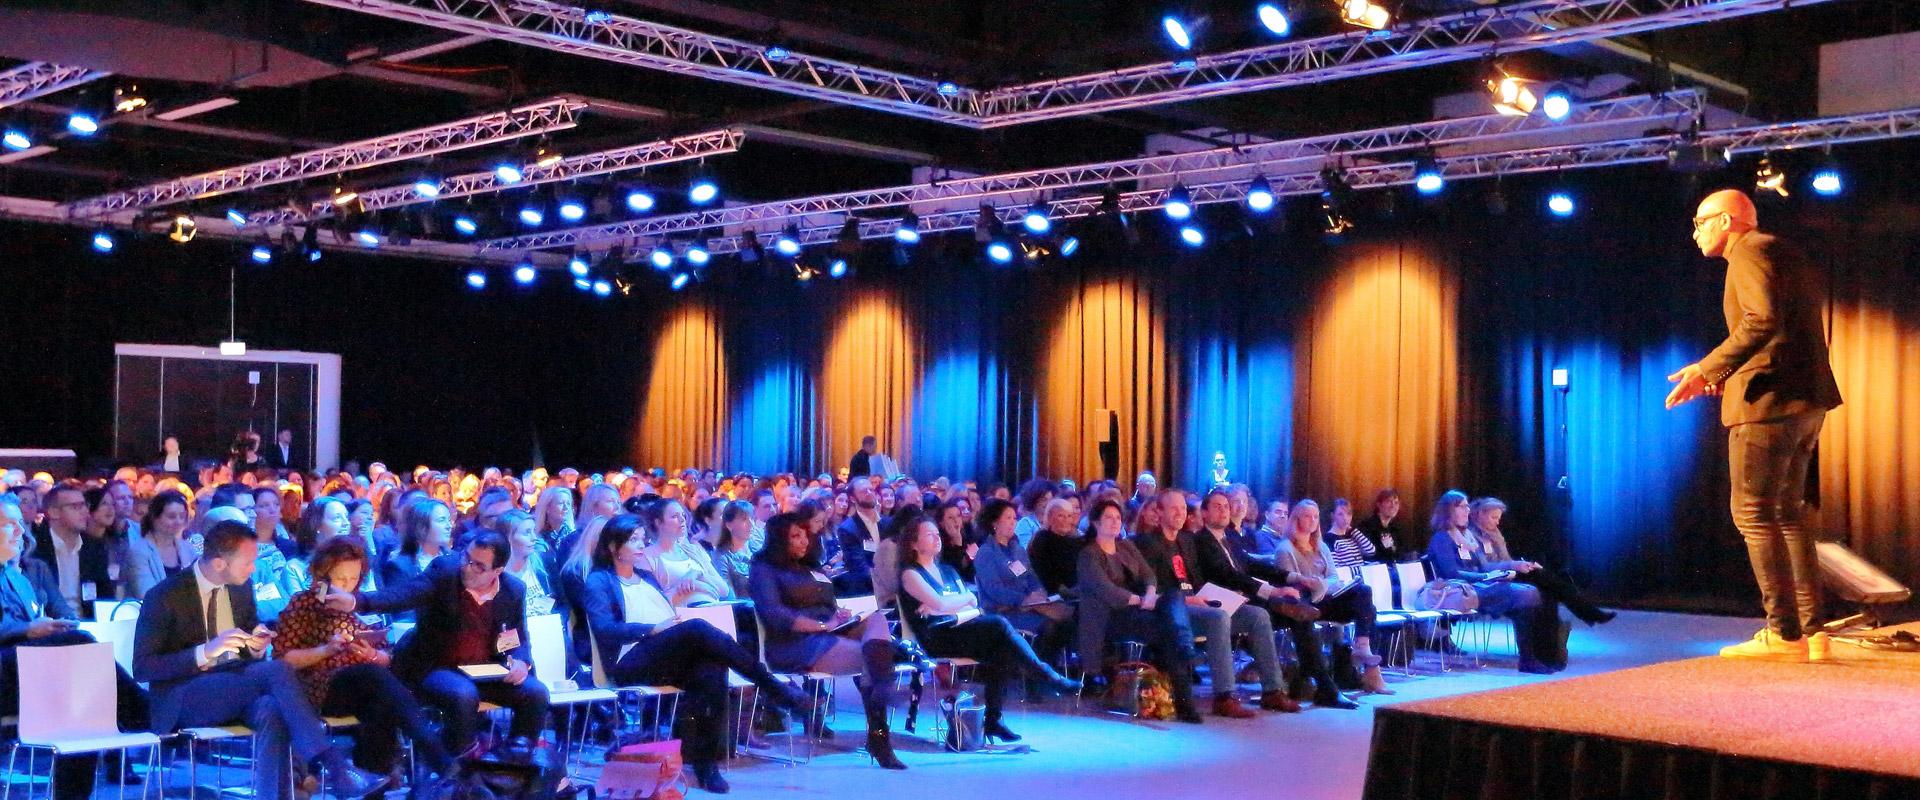 Congressen uw congres of seminar bij de broodfabriek - Moderne entreehal ...